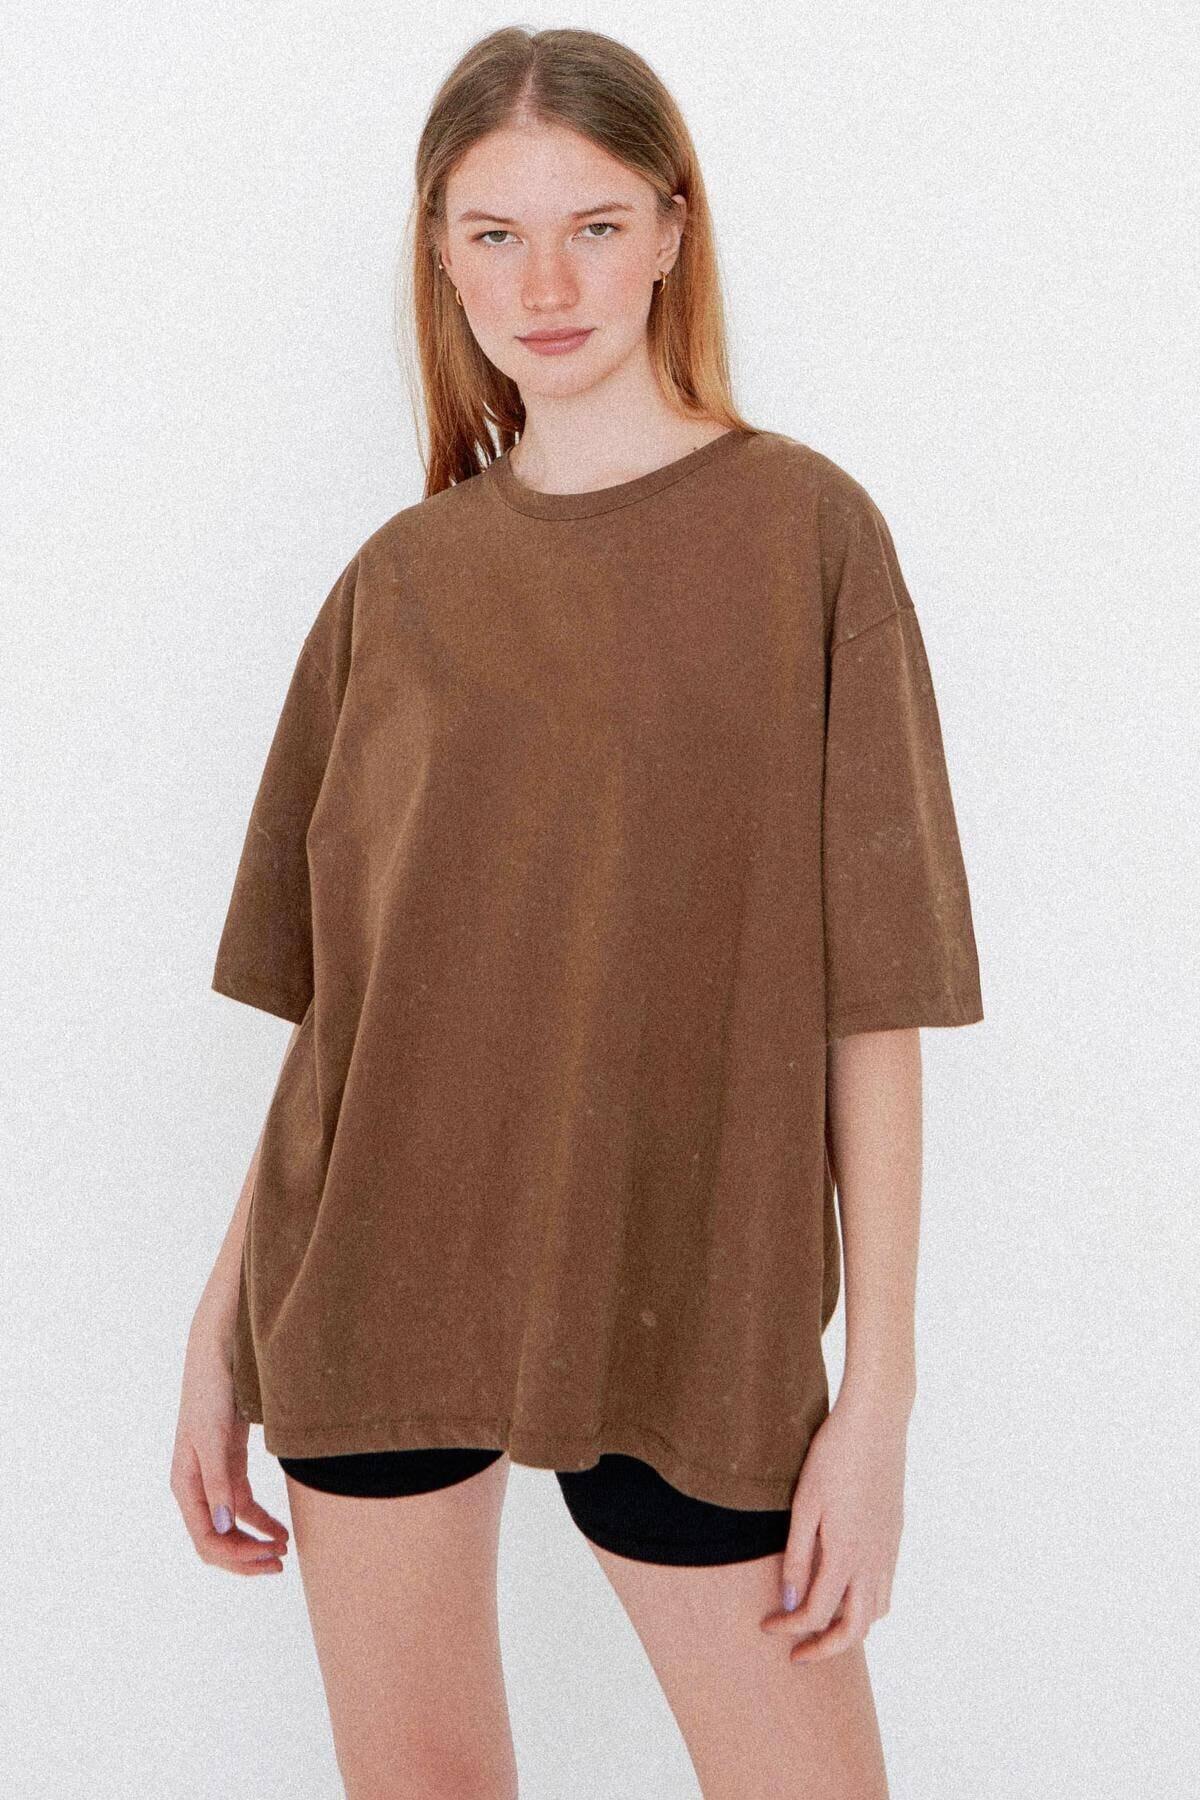 Addax Kadın Koyu Kahve Batik T-Shirt P1118 - J9 Adx-0000023700